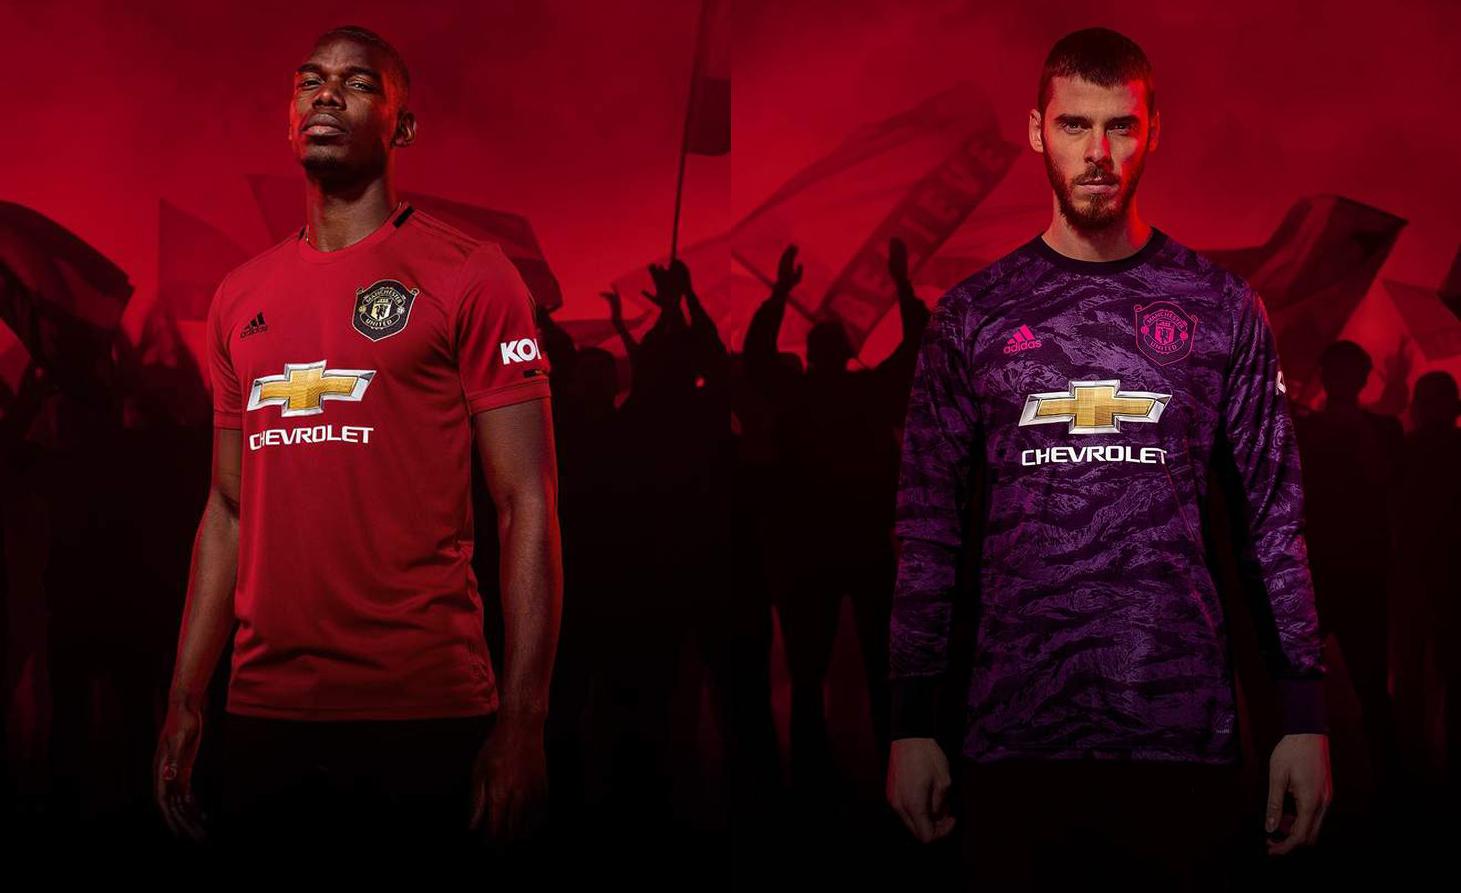 Nóng! Man Utd tung mẫu áo mới, Pogba và De Gea xuất hiện mê người - Bóng Đá